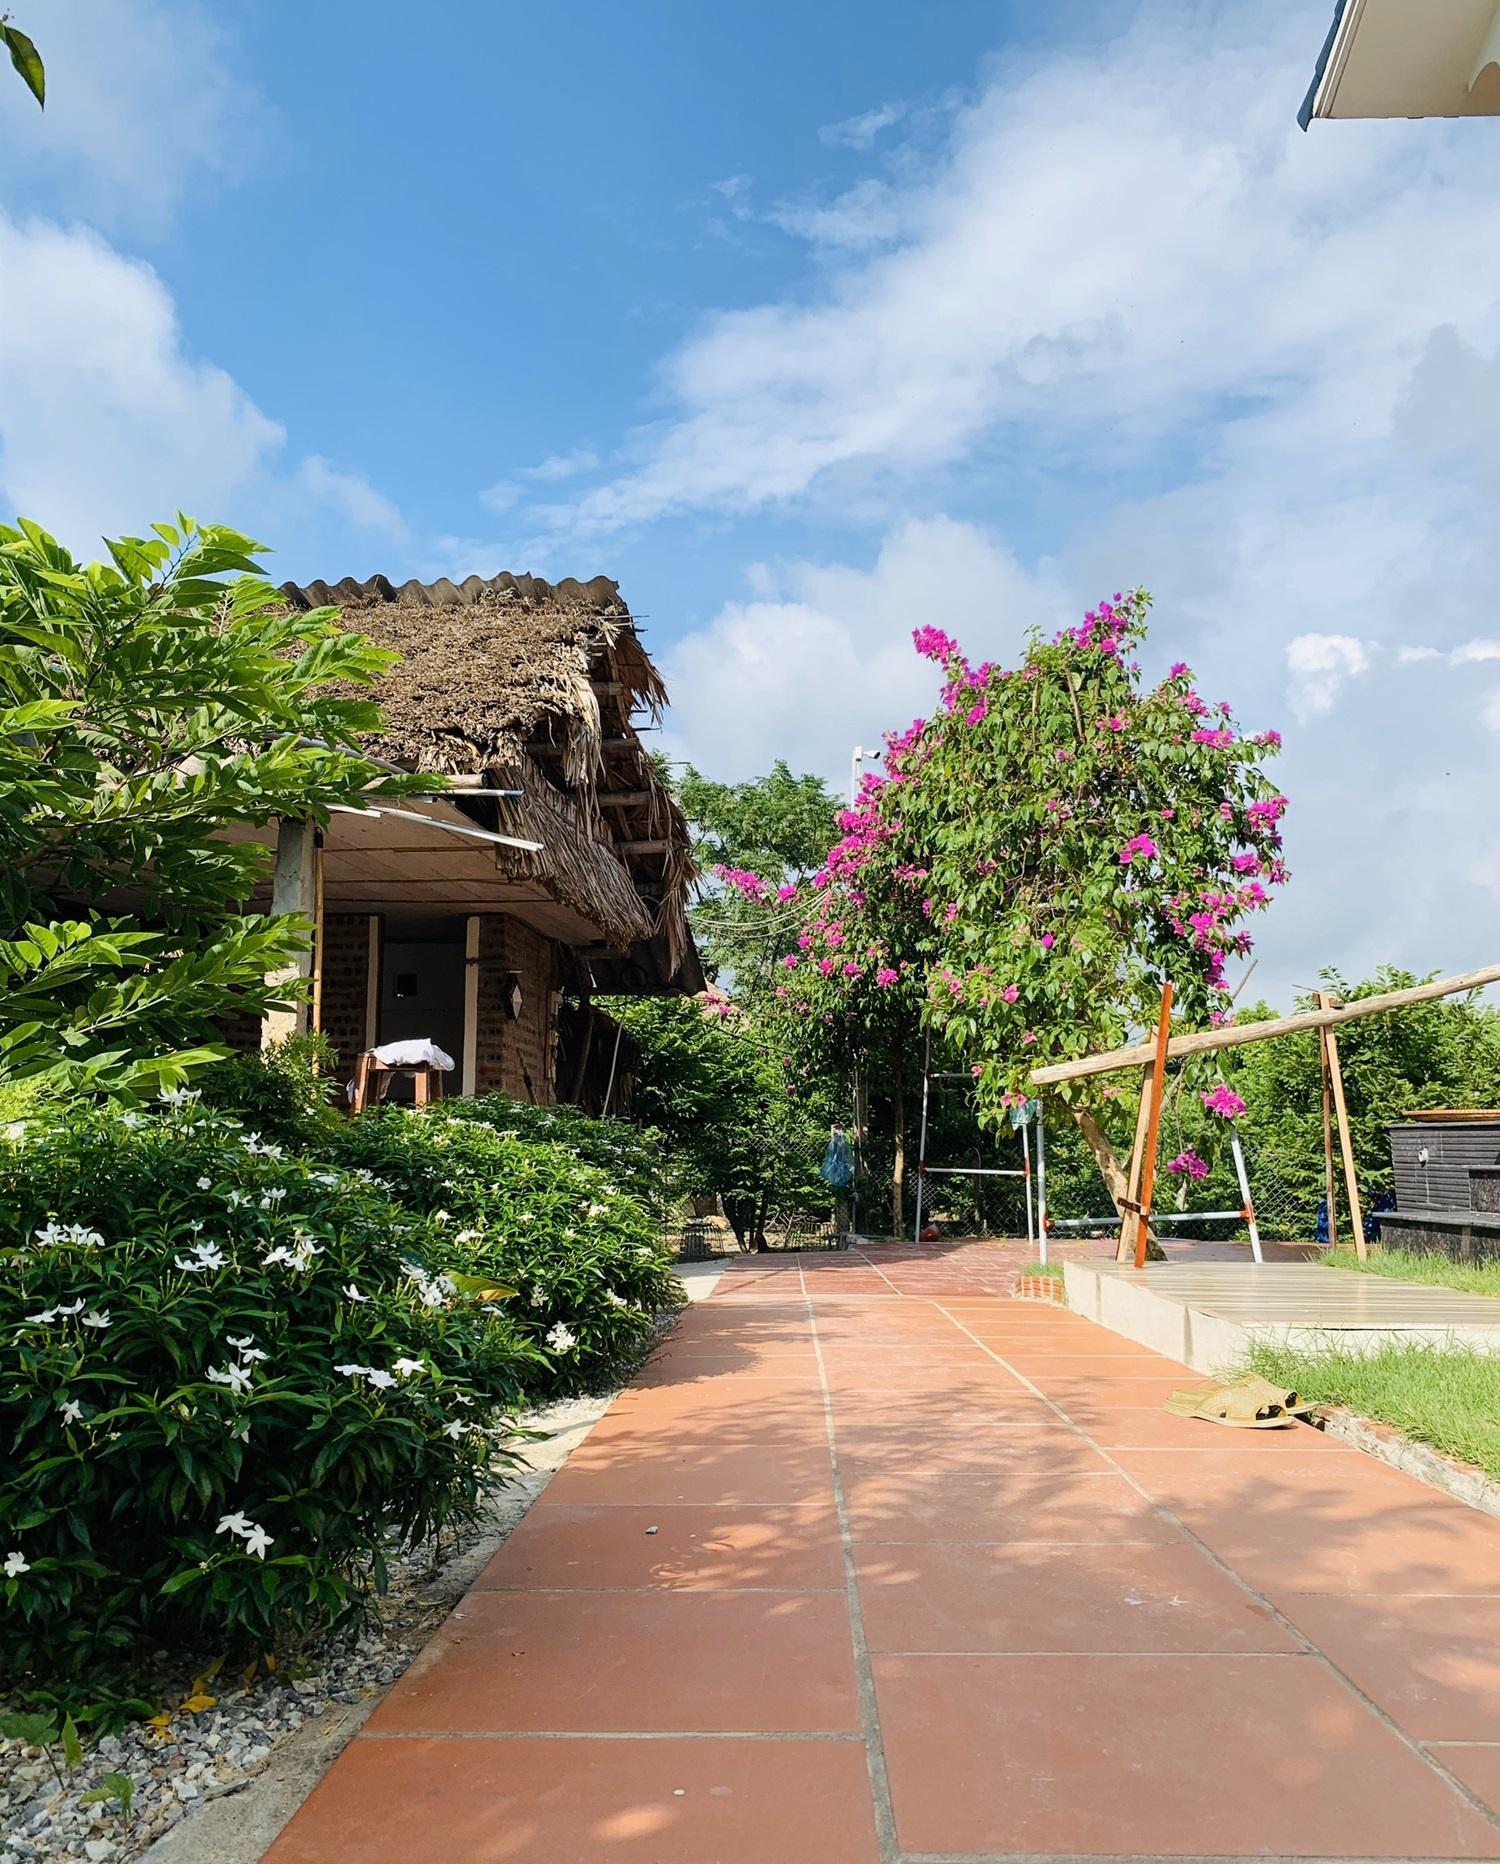 8 1598799899882728930487 - Con trai xây nhà vườn bên đồng lúa xanh mát tặng bố mẹ an hưởng tuổi già ở Vĩnh Phúc